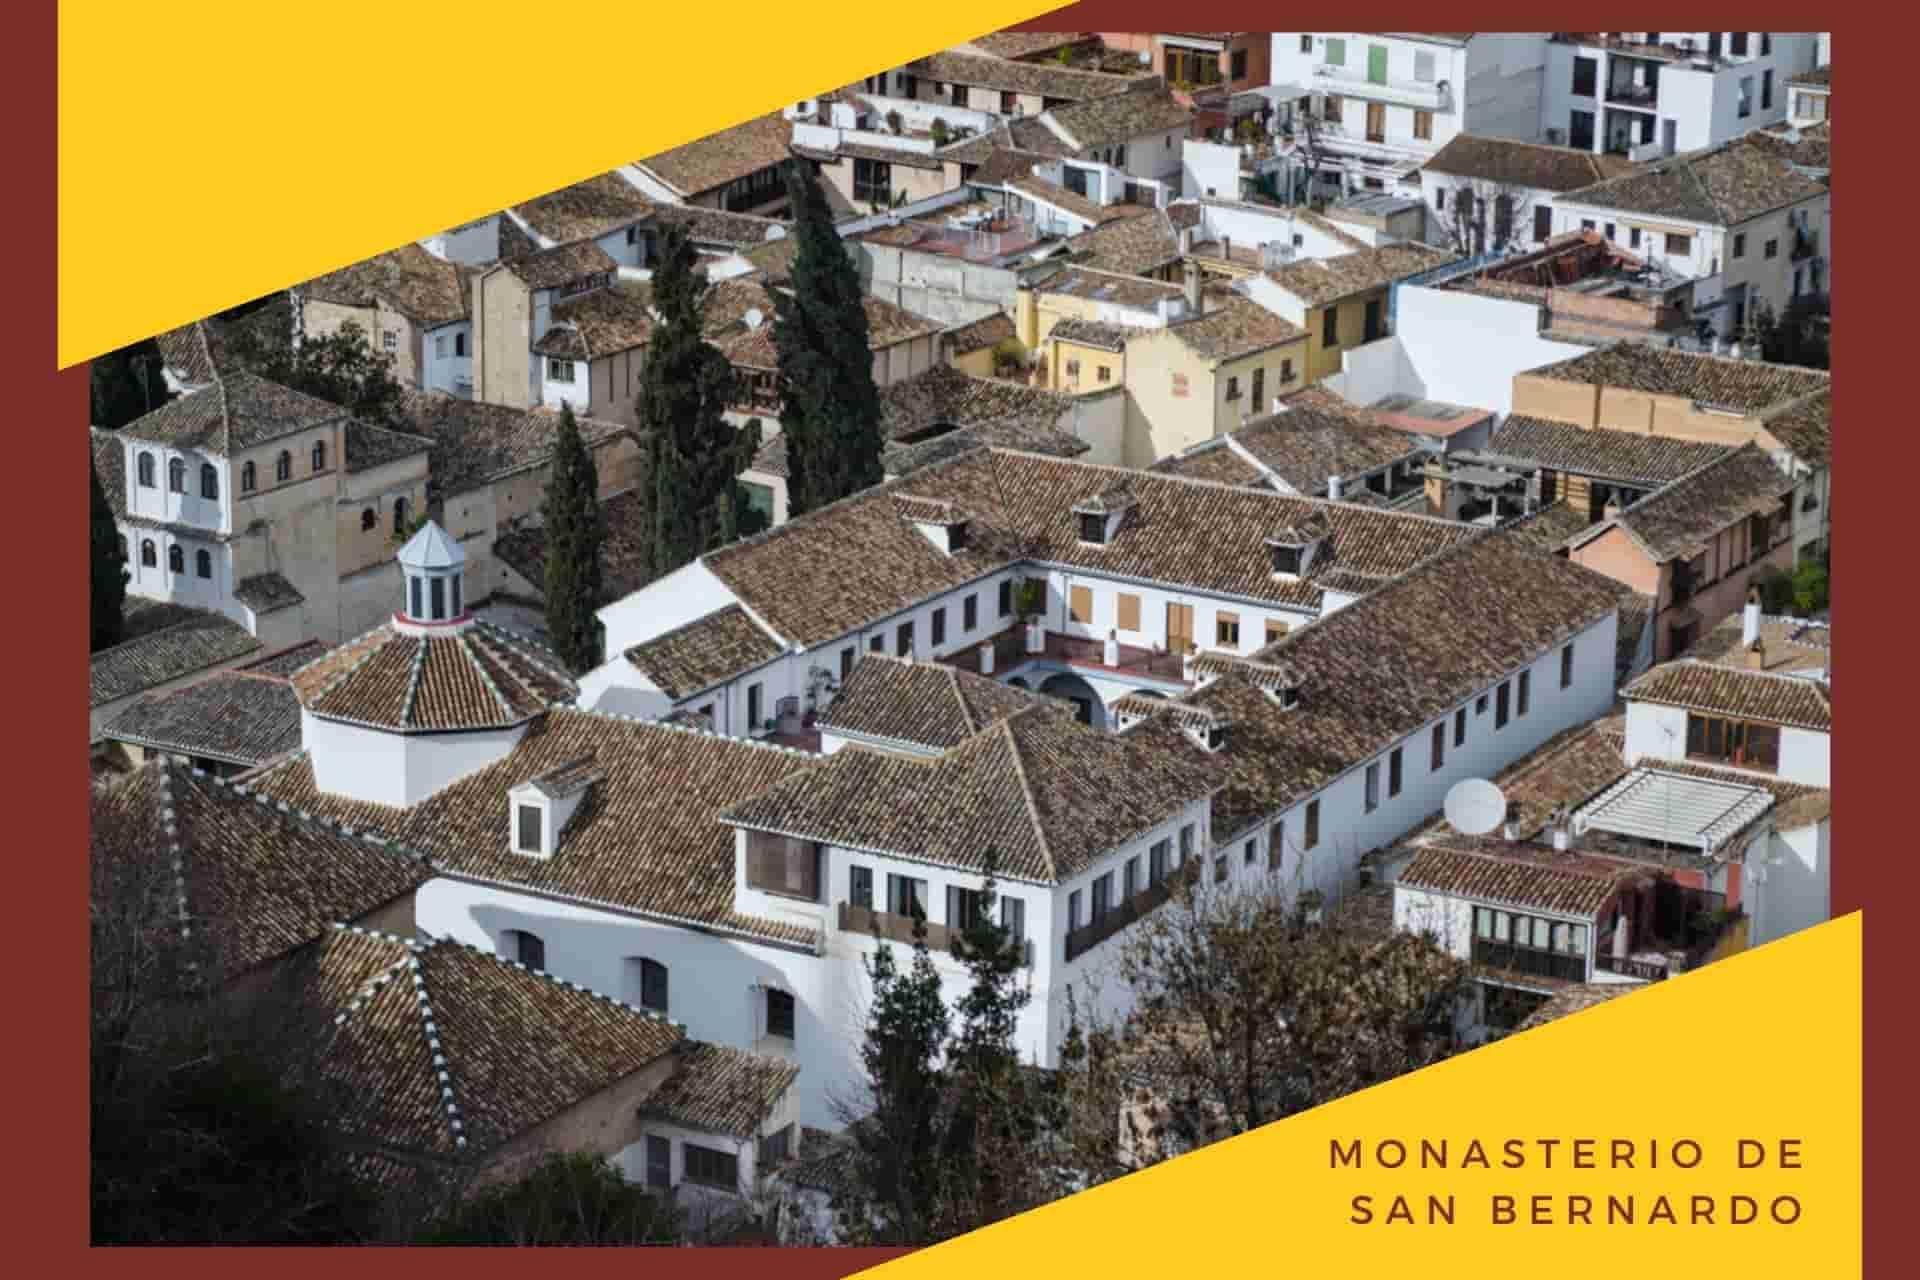 Monasterio San Bernardo